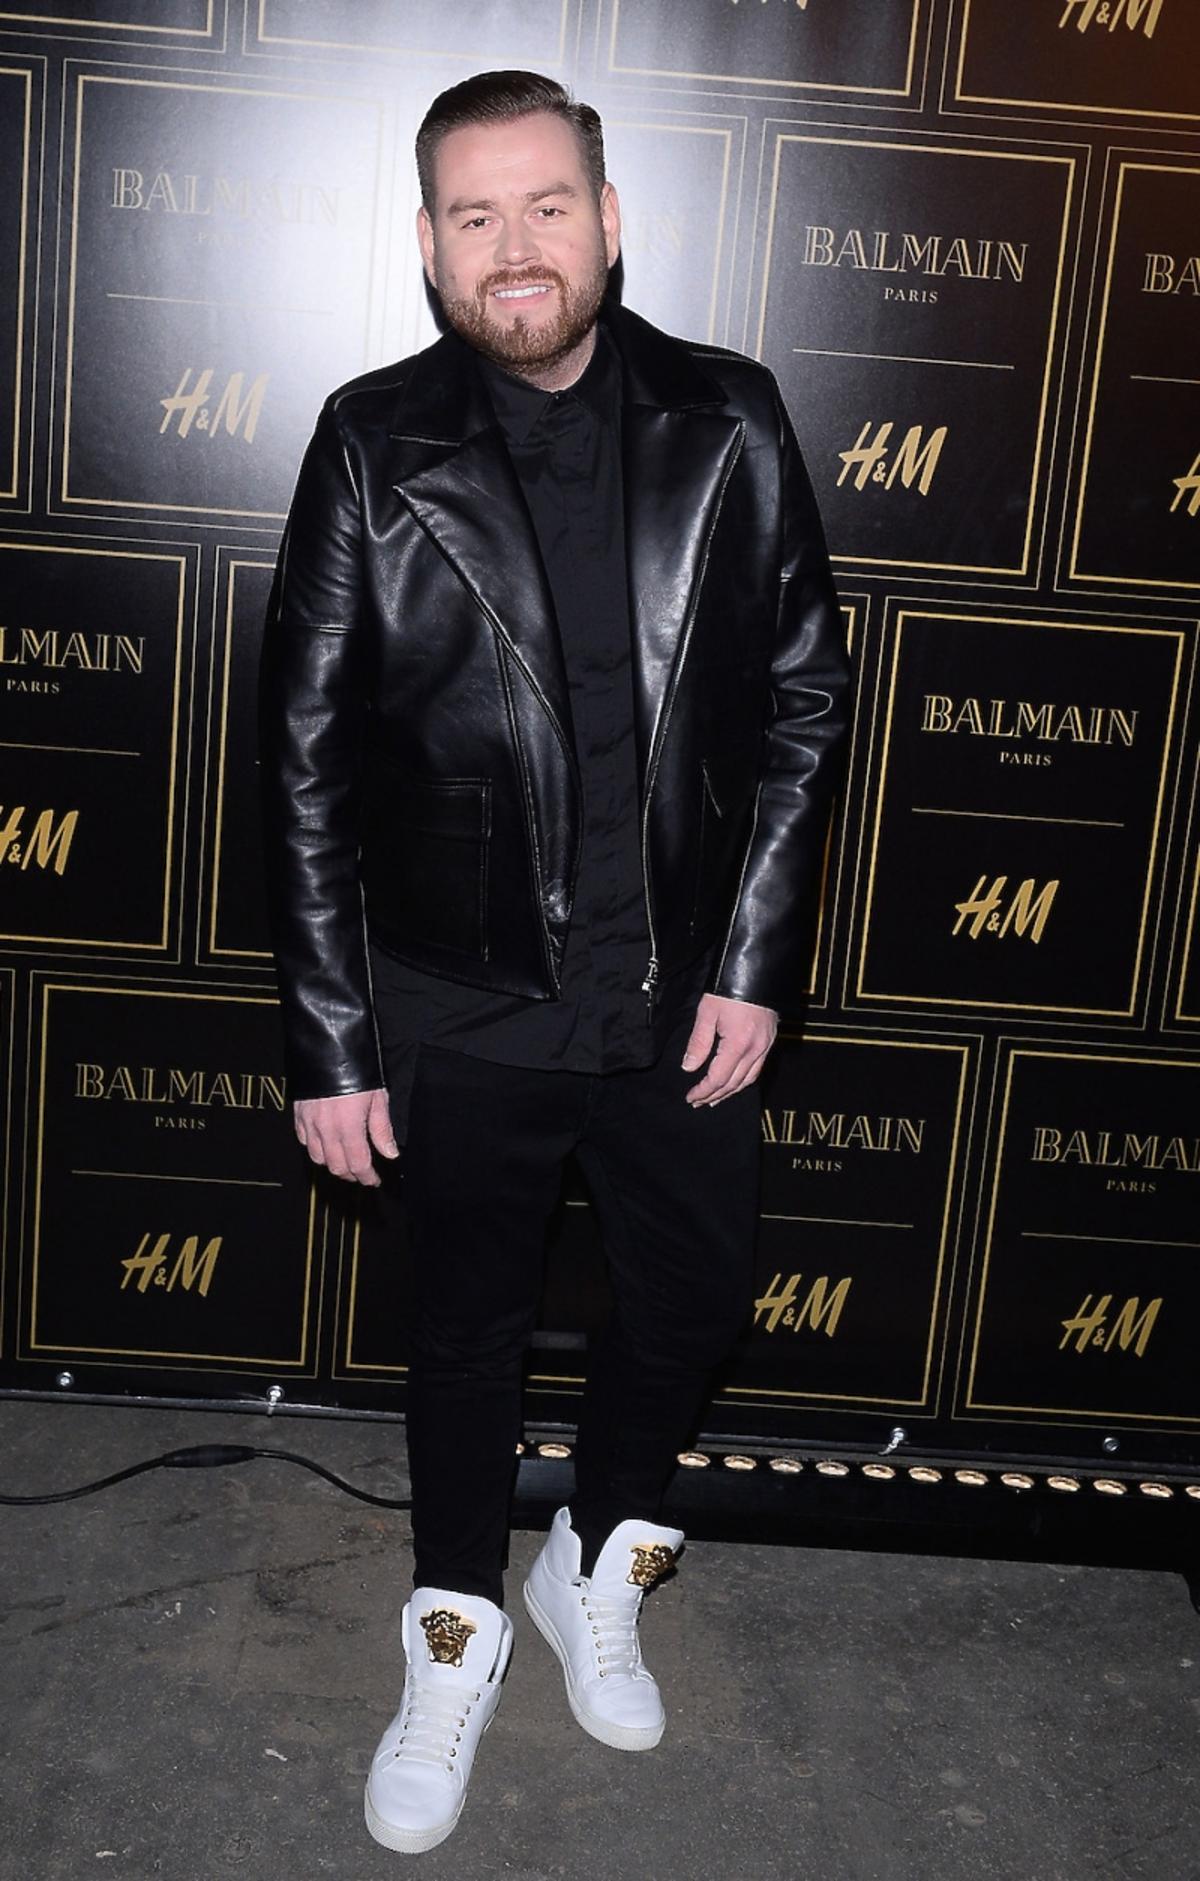 Tomasz Olejniczak w czarenj kurtce spodniach i białych butach ze złotą głową meduzy